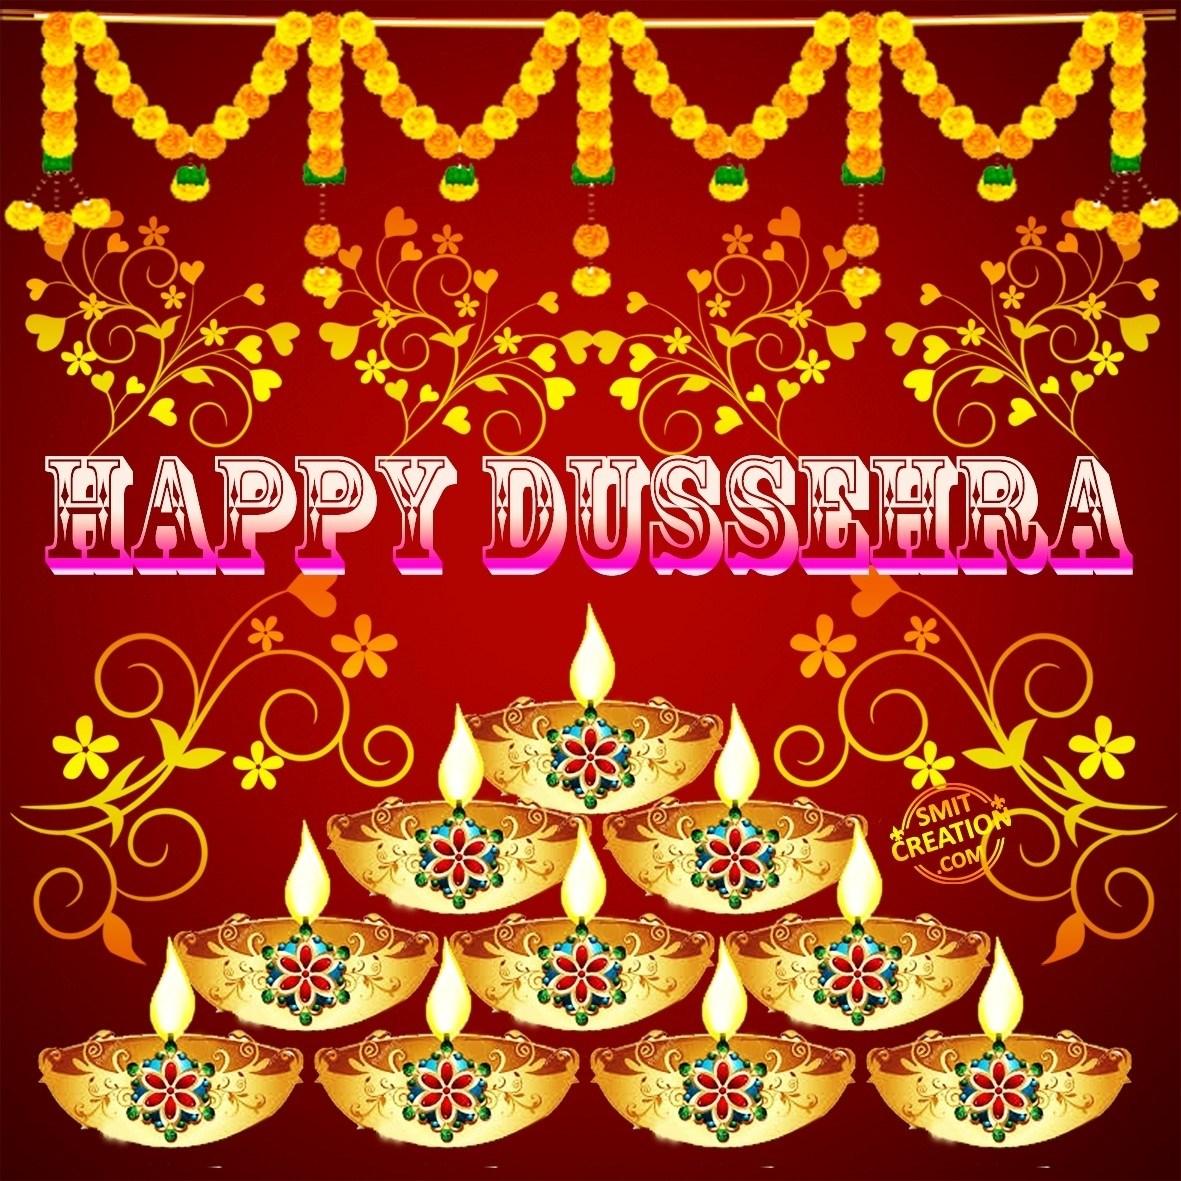 Happy dussehra smitcreation download image m4hsunfo